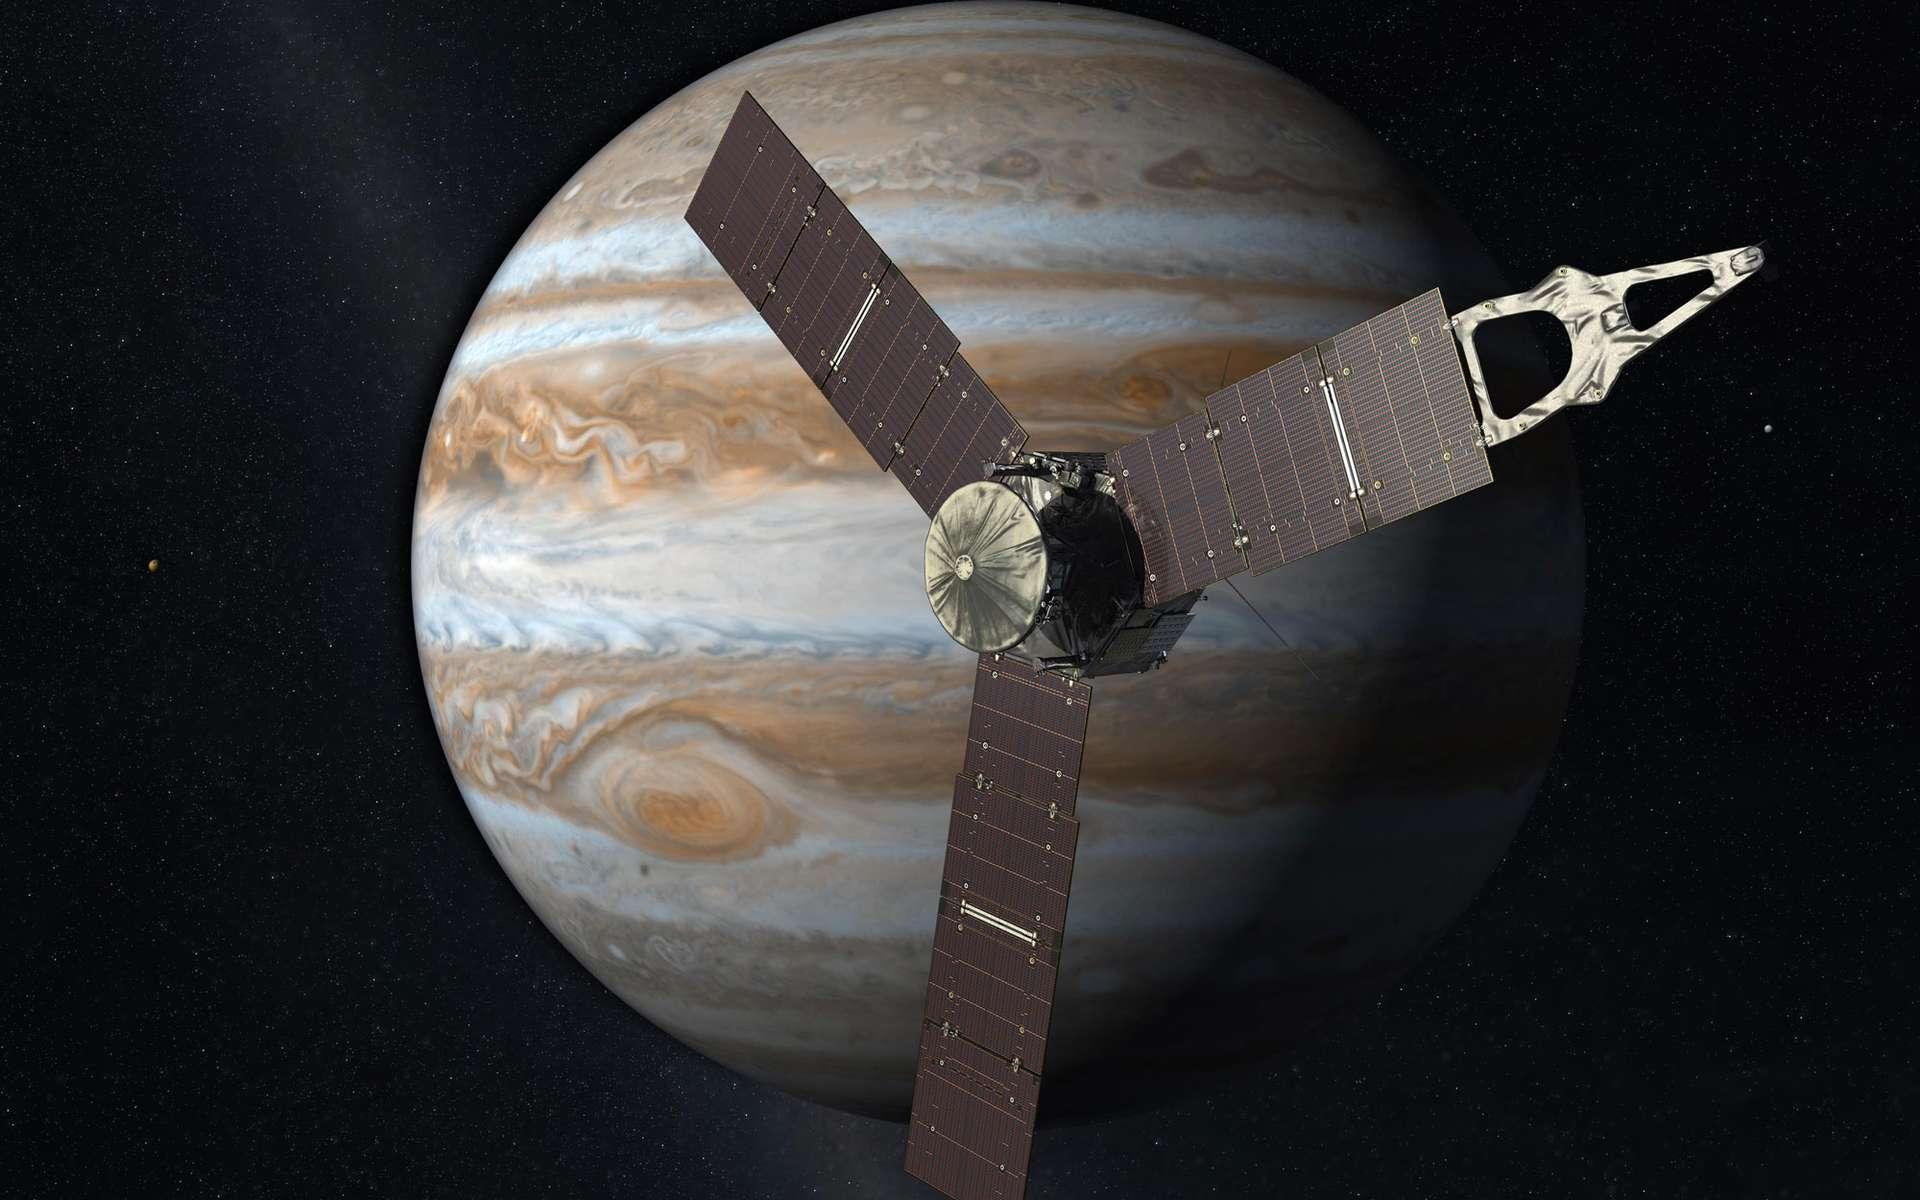 Première sonde à s'installer autour de Jupiter depuis Galileo, Juno se focalisera sur l'étude de l'atmosphère jovienne, de son champ magnétique et de la magnétosphère. La mission est prévue pour durer jusqu'en octobre 2017 avec une possibilité de prolongation. © Nasa, JPL